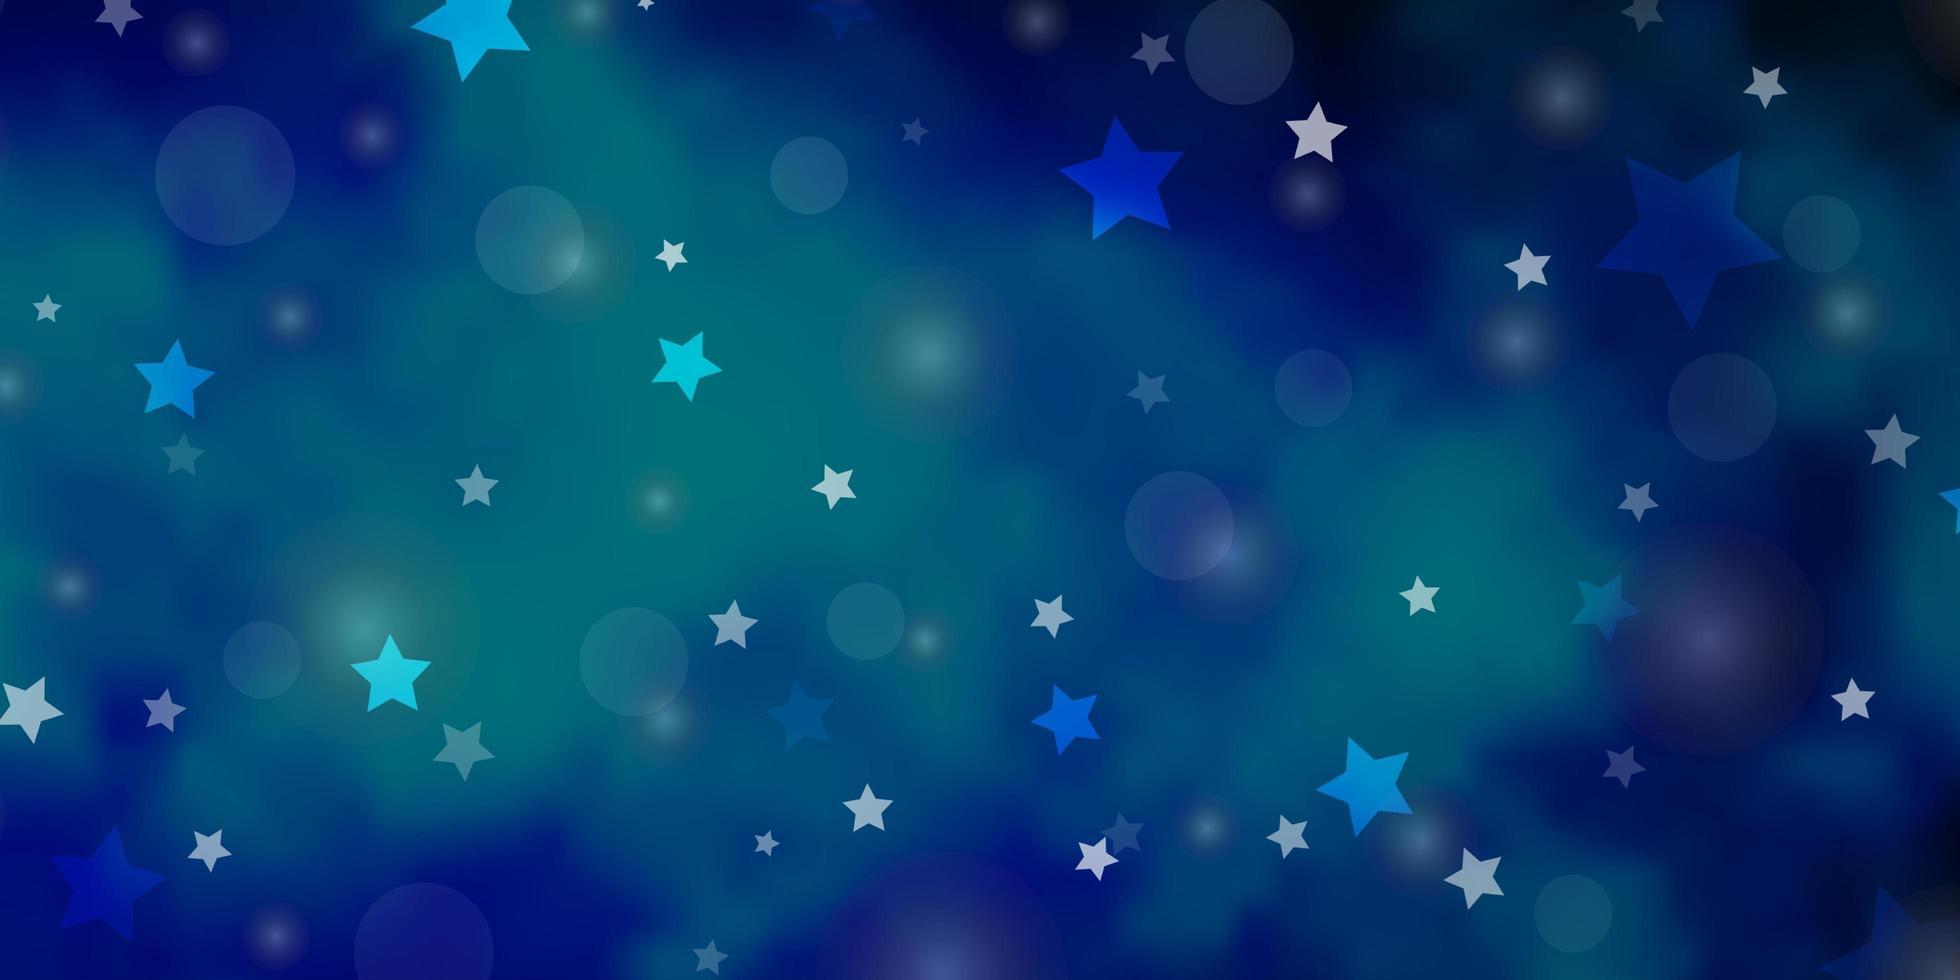 hellblauer Vektorhintergrund mit Kreisen, Sternen. vektor